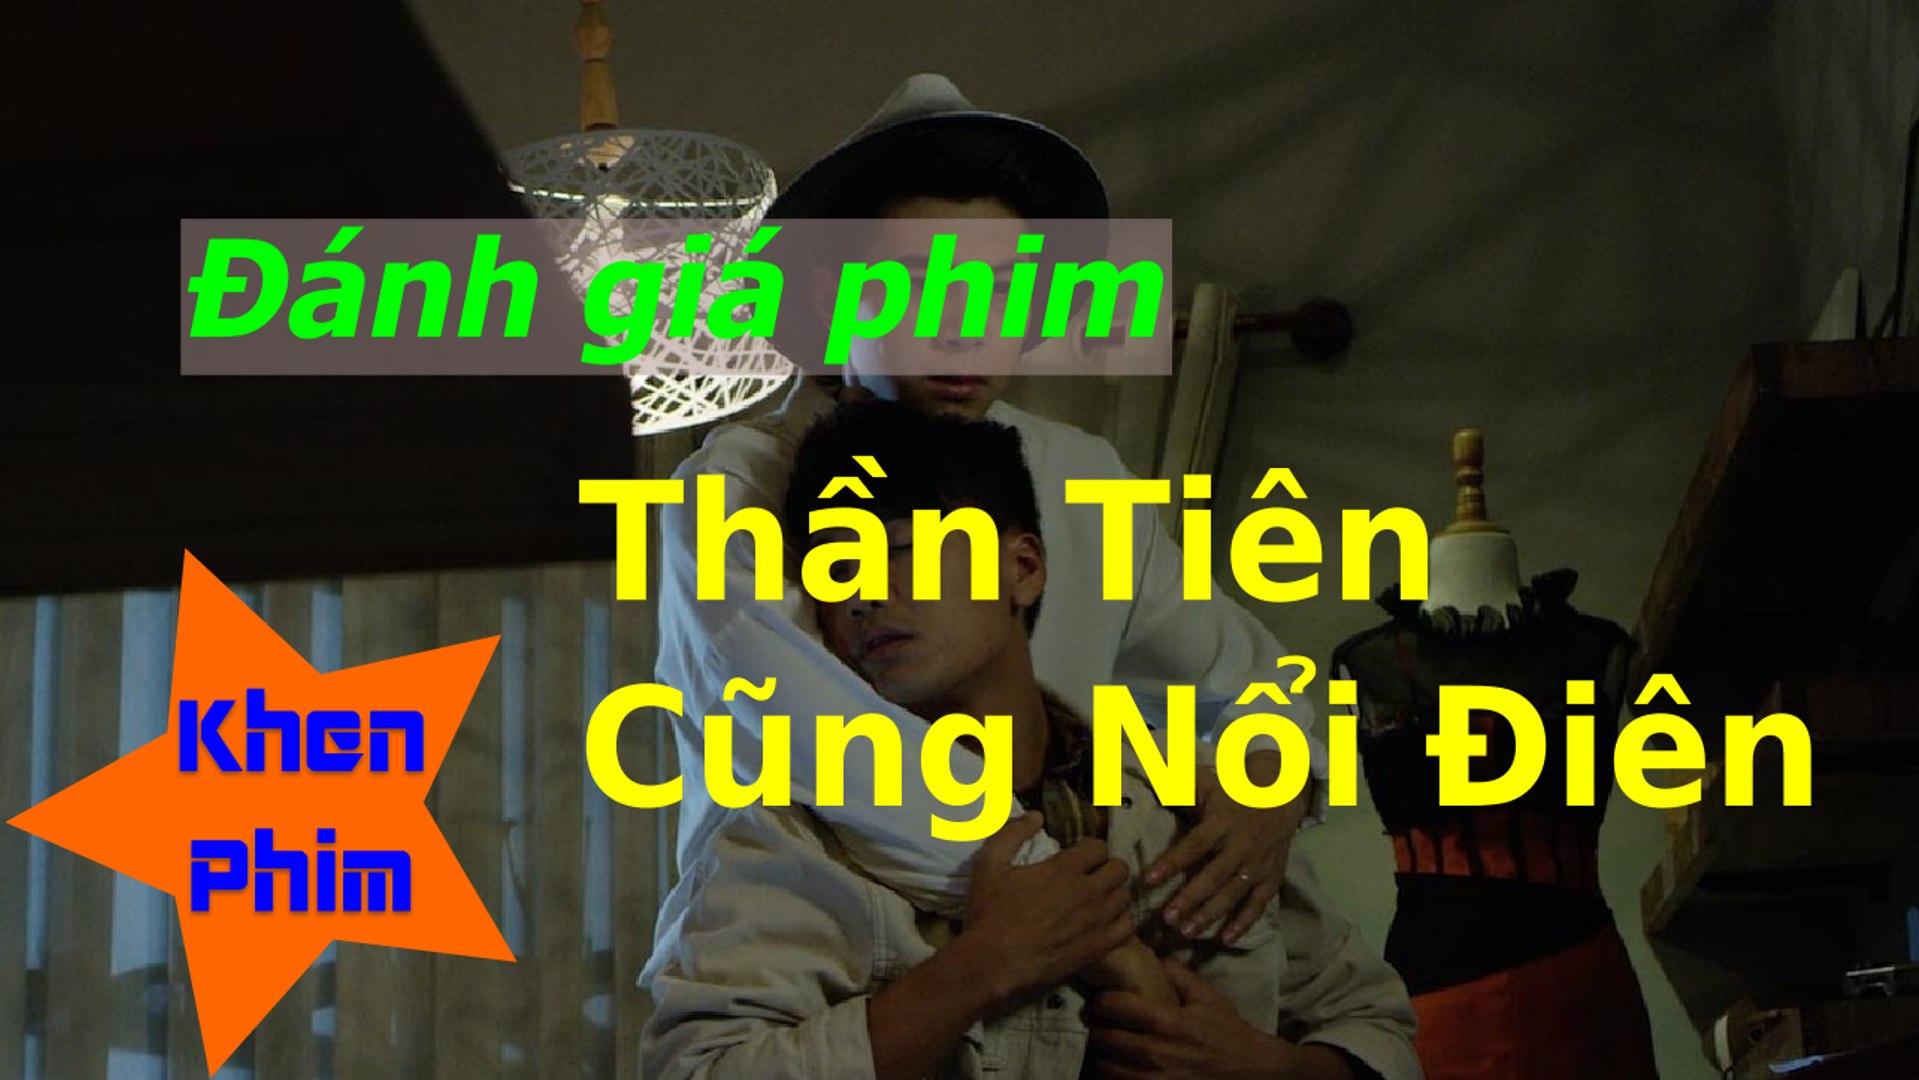 Khen Phim - Đánh giá phim Thần Tiên Cũng Nổi Điên: phim đam mỹ trá hình